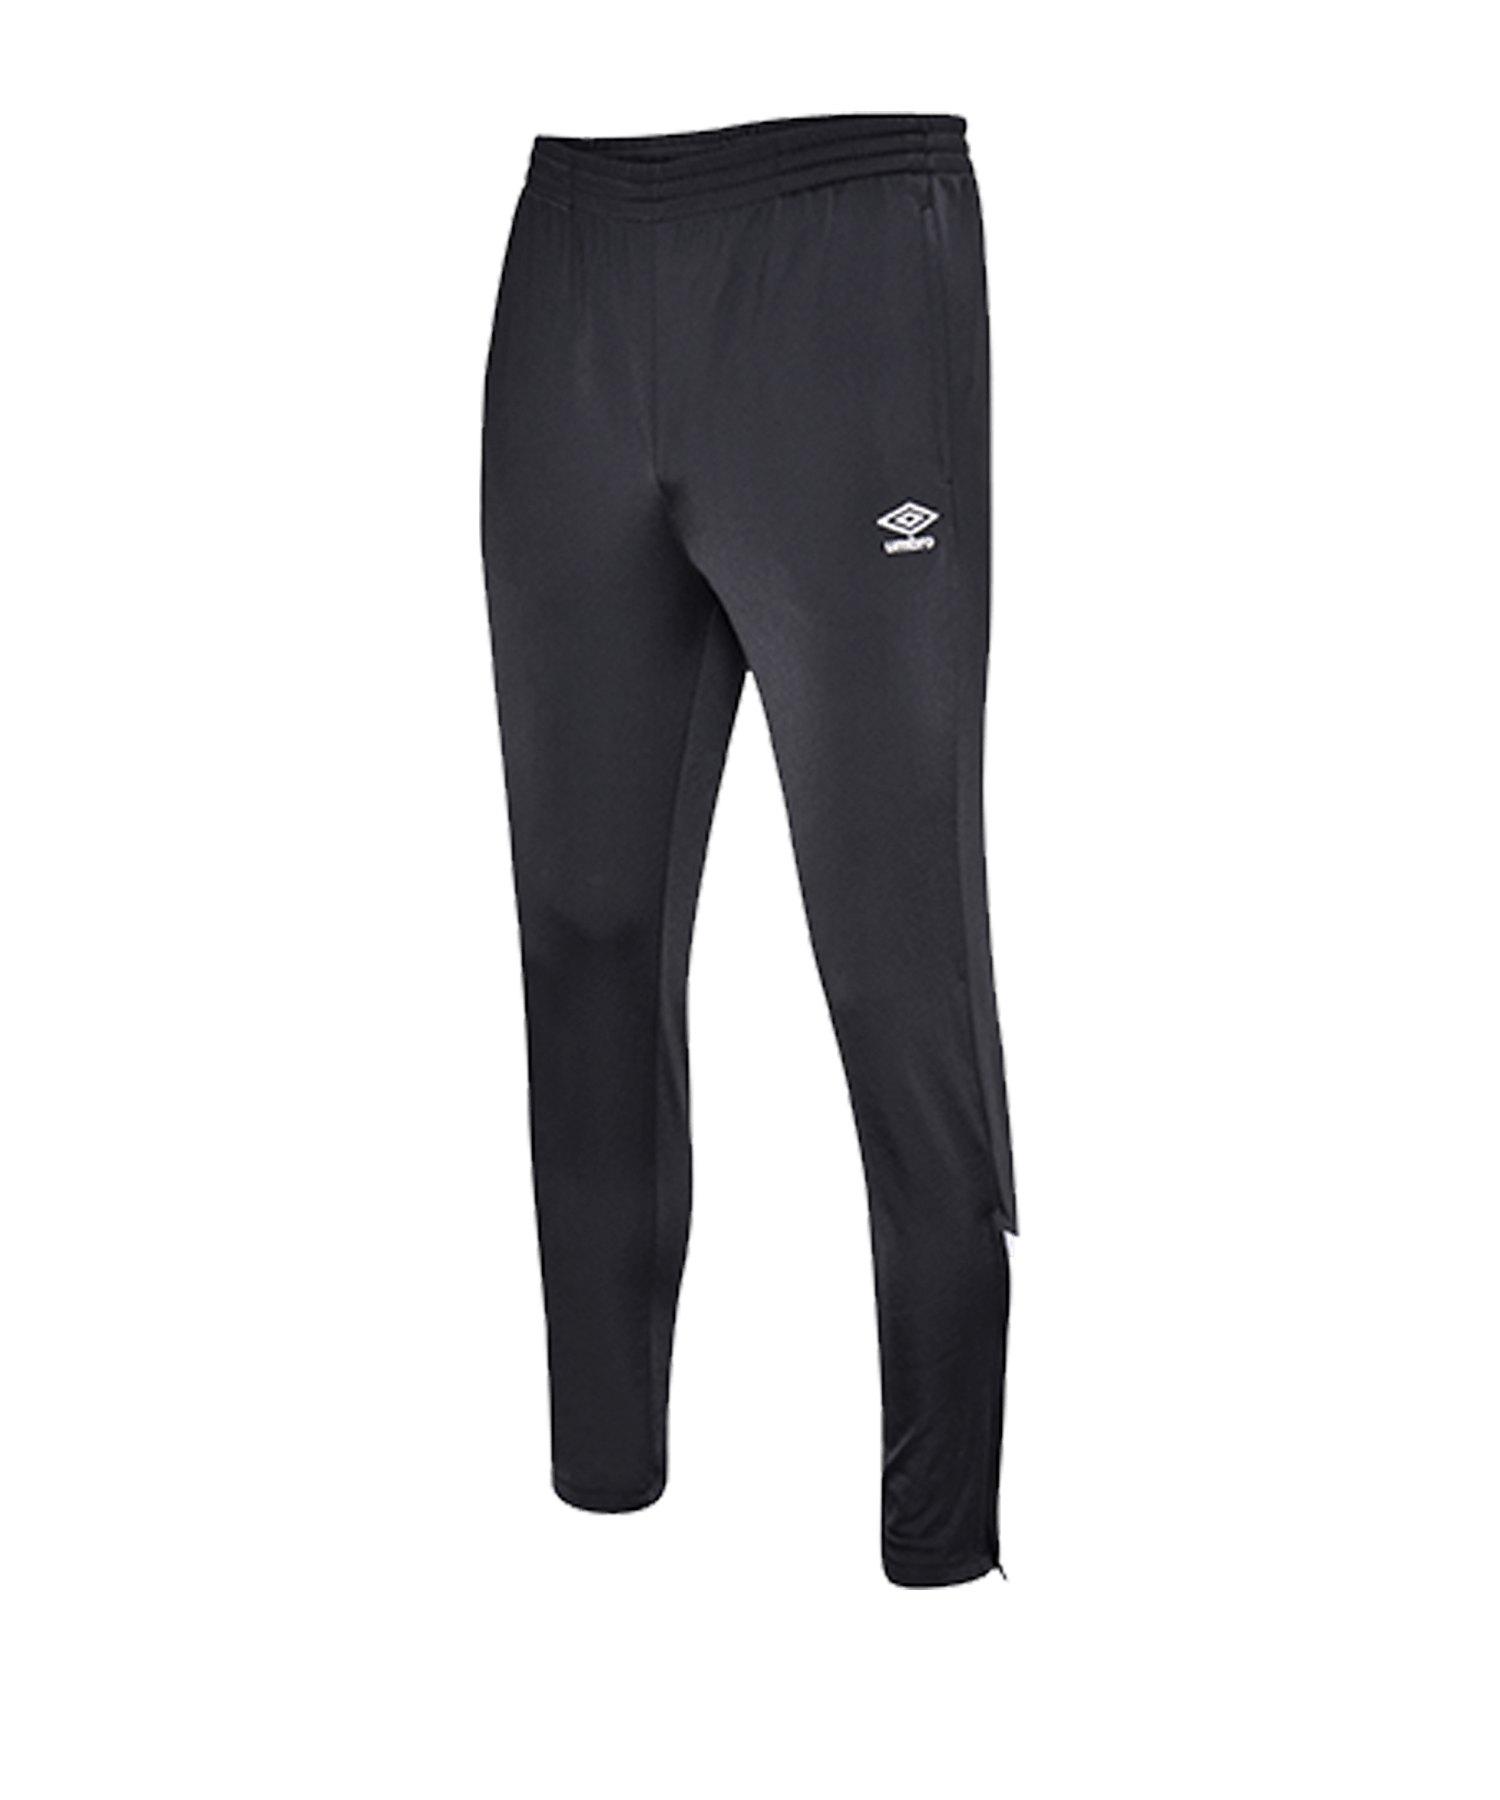 Umbro Knitted Pant Joggingshose Schwarz FFL3 - schwarz